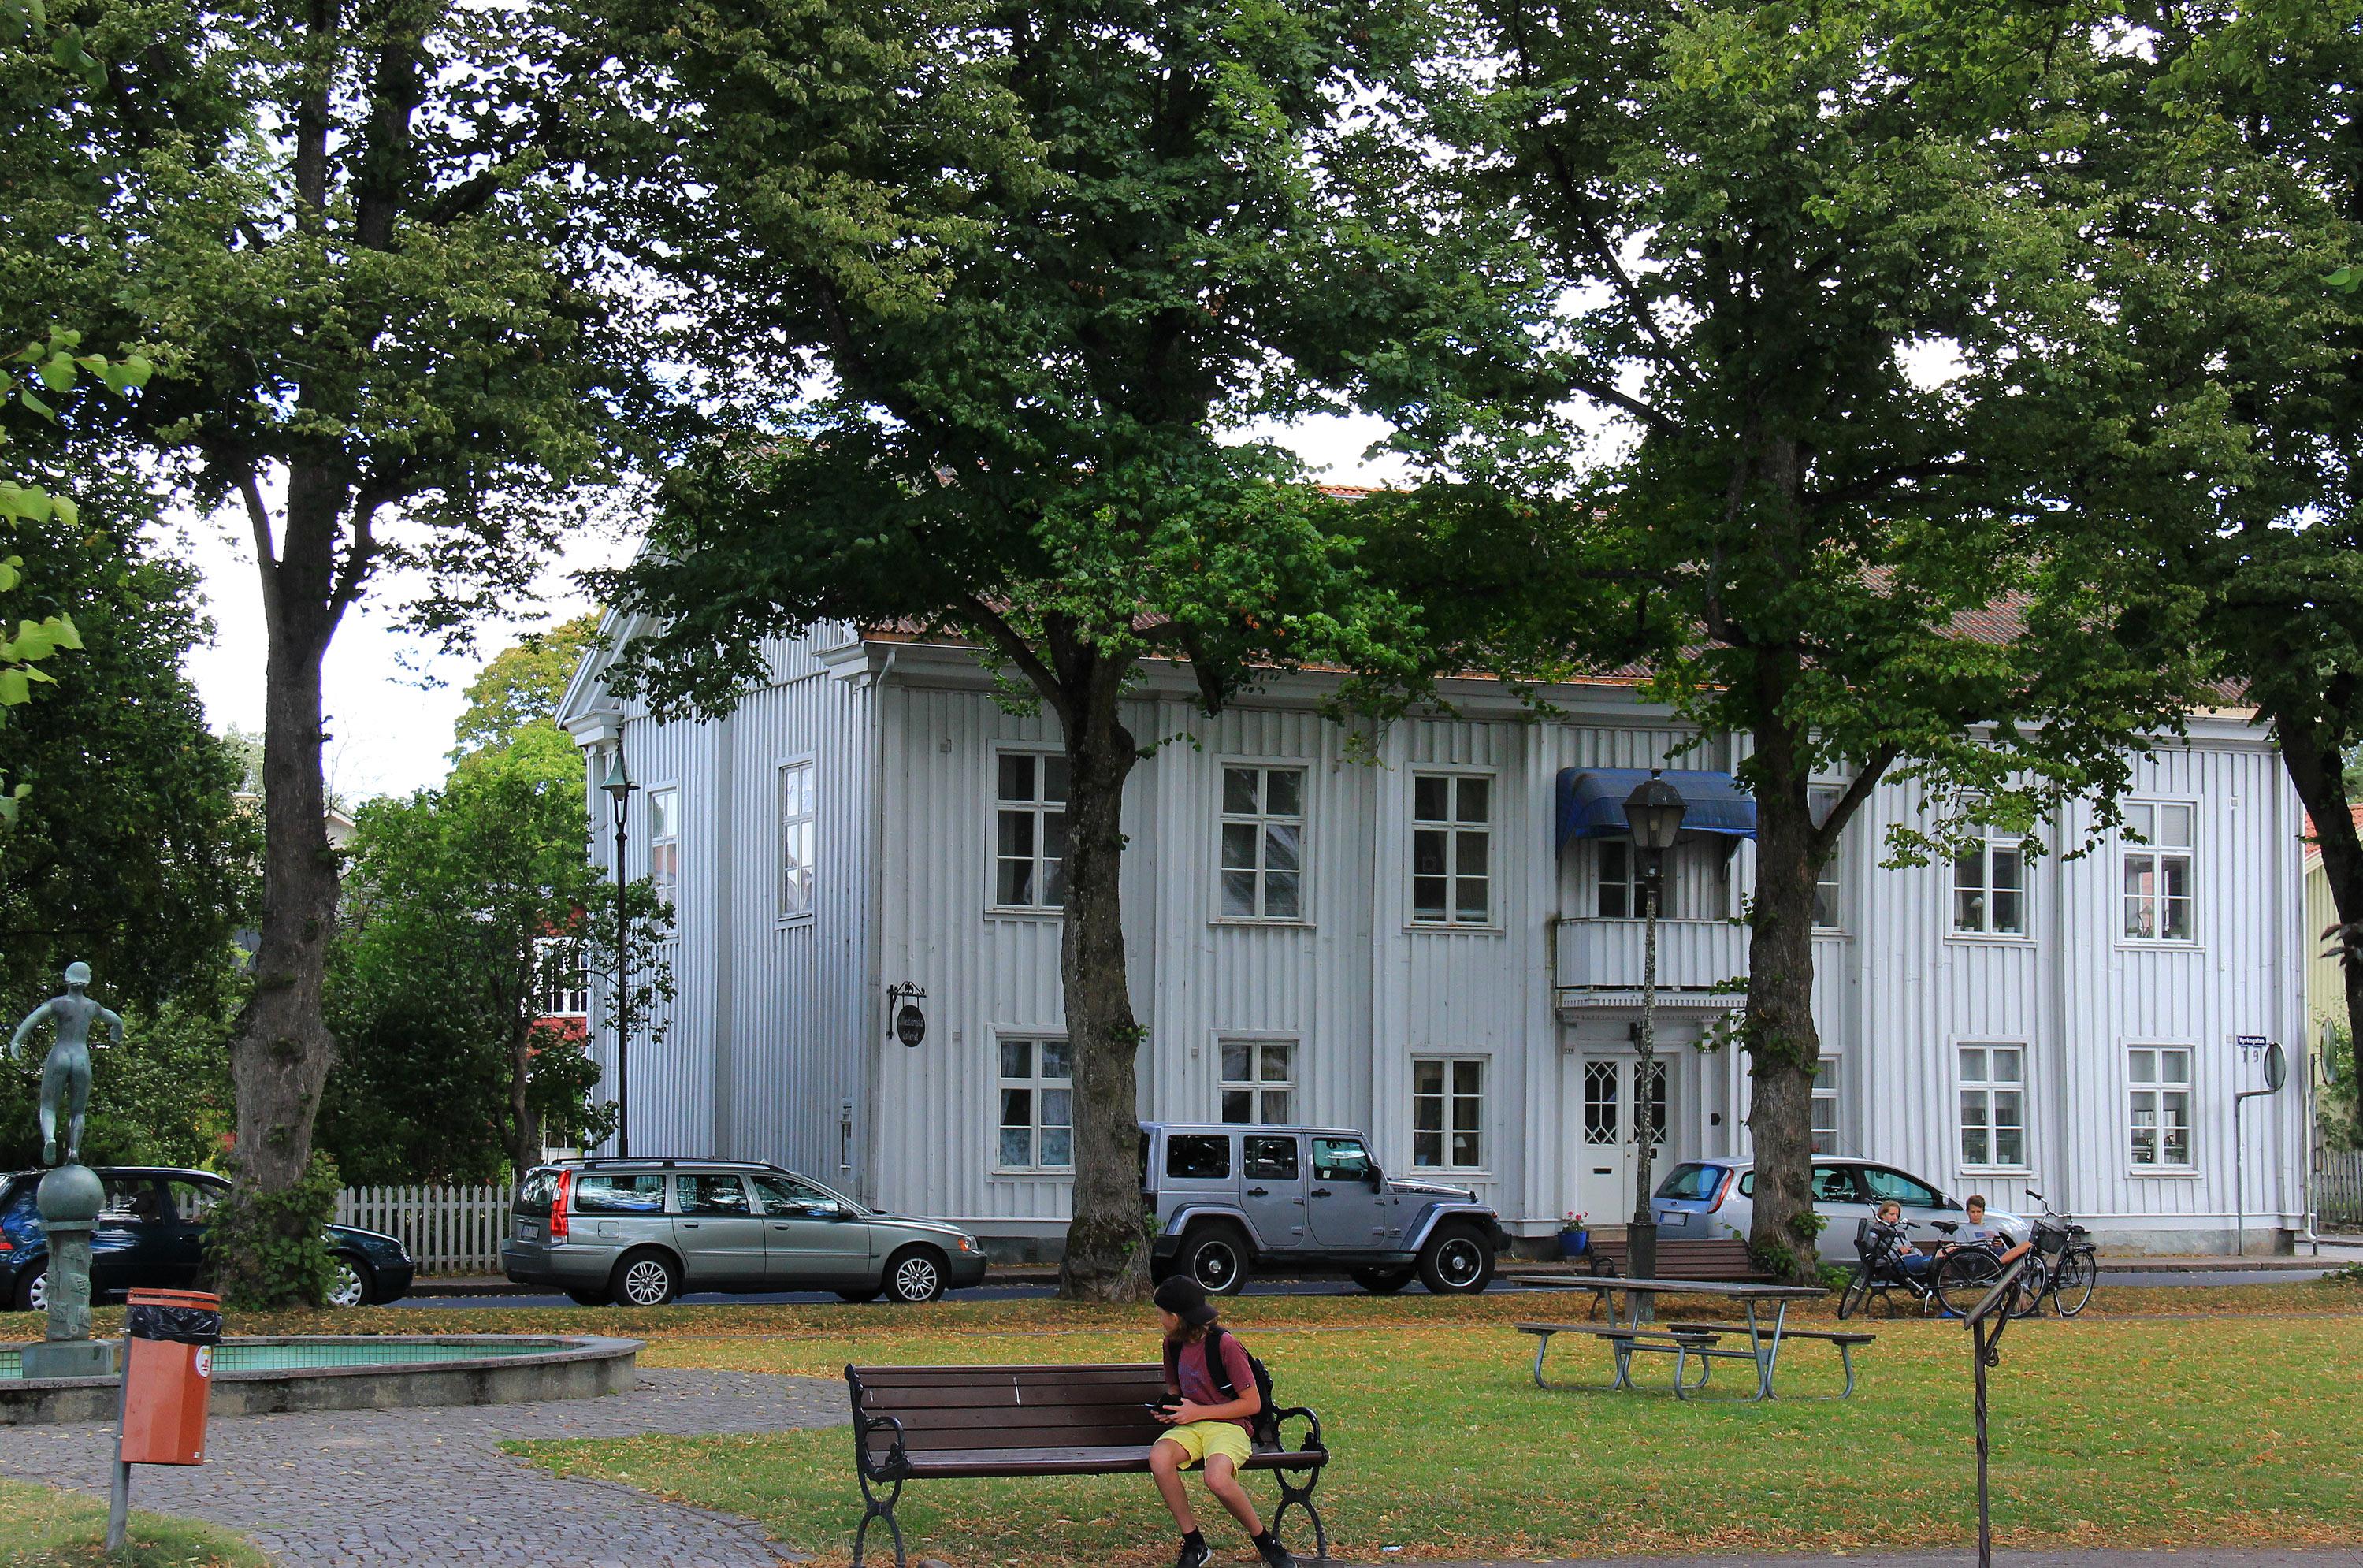 Amals Kommun Jobs in ml, Vastra Gotaland County, Sweden